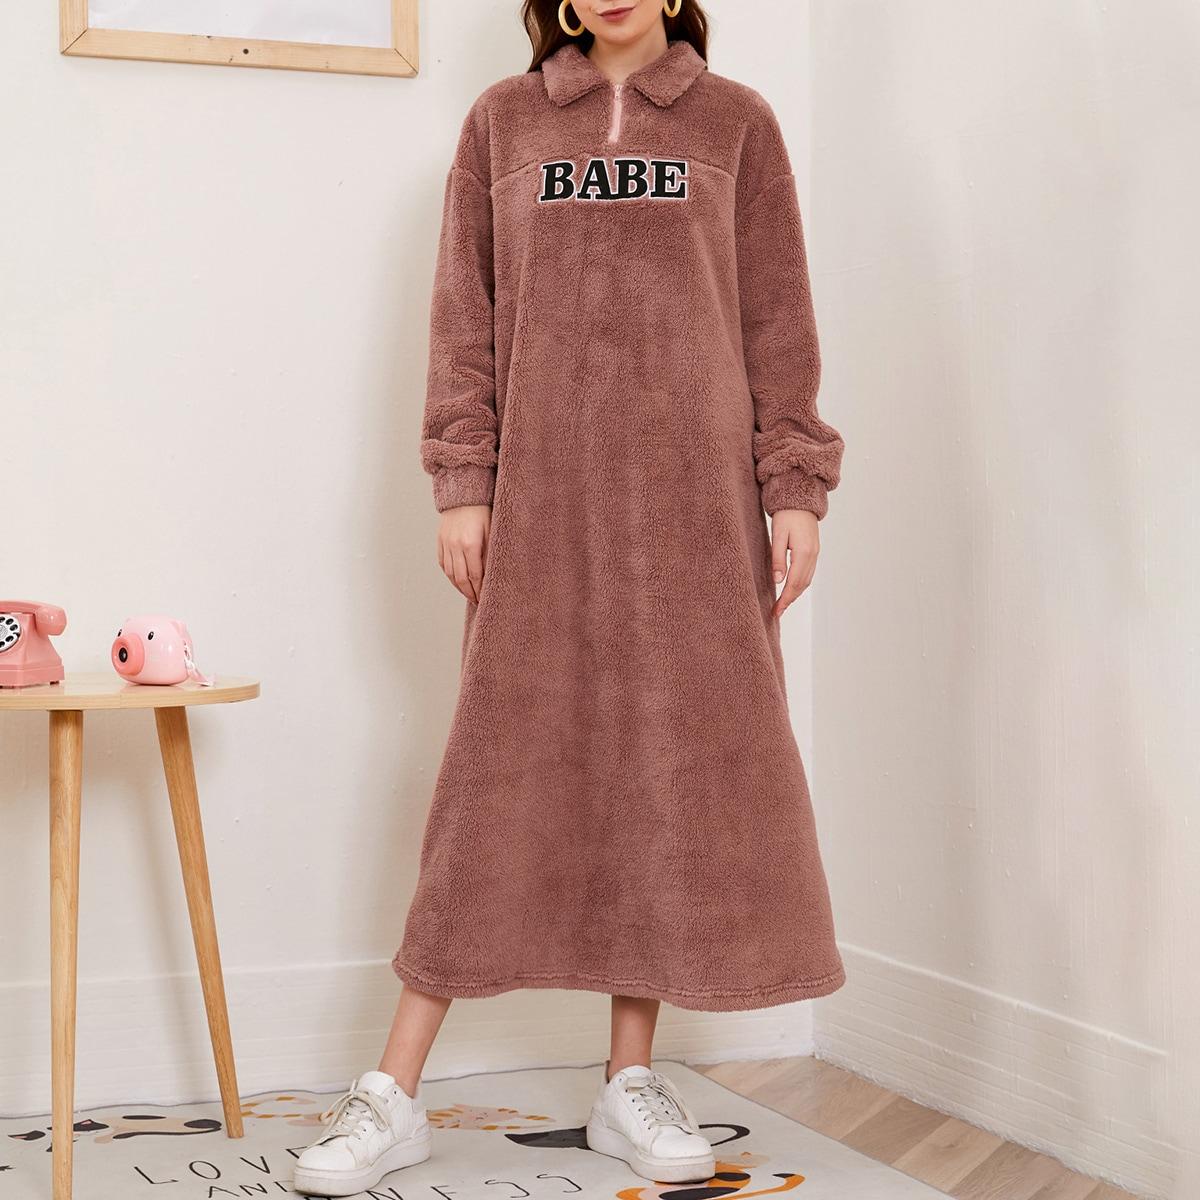 Плюшевое платье-свитшот с текстовой вышивкой